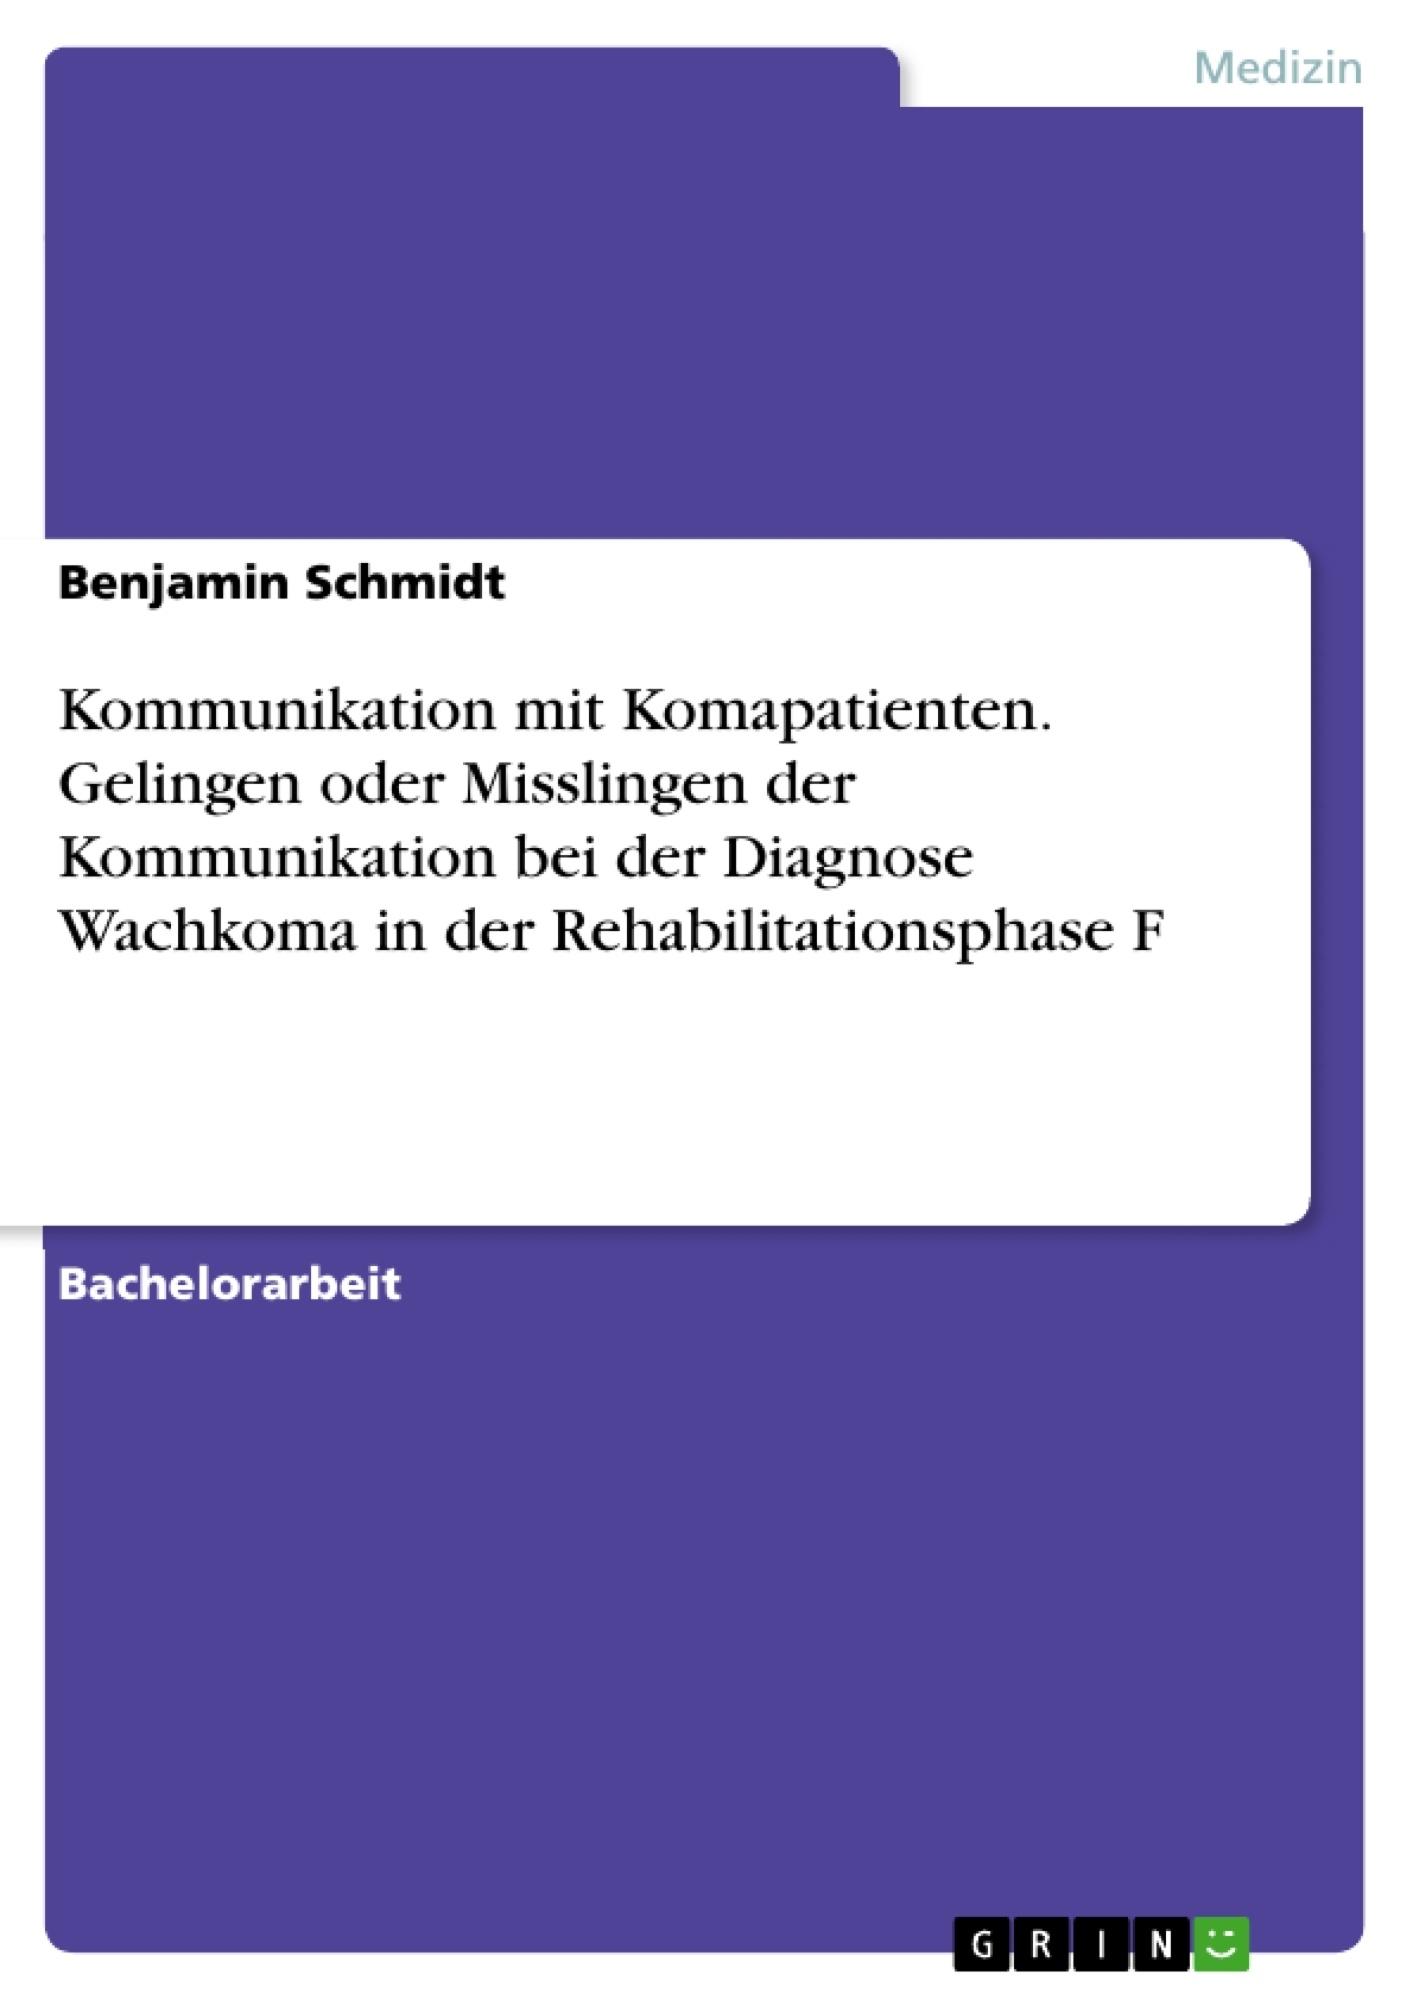 Titel: Kommunikation mit Komapatienten. Gelingen oder Misslingen der Kommunikation bei der Diagnose Wachkoma in der Rehabilitationsphase F